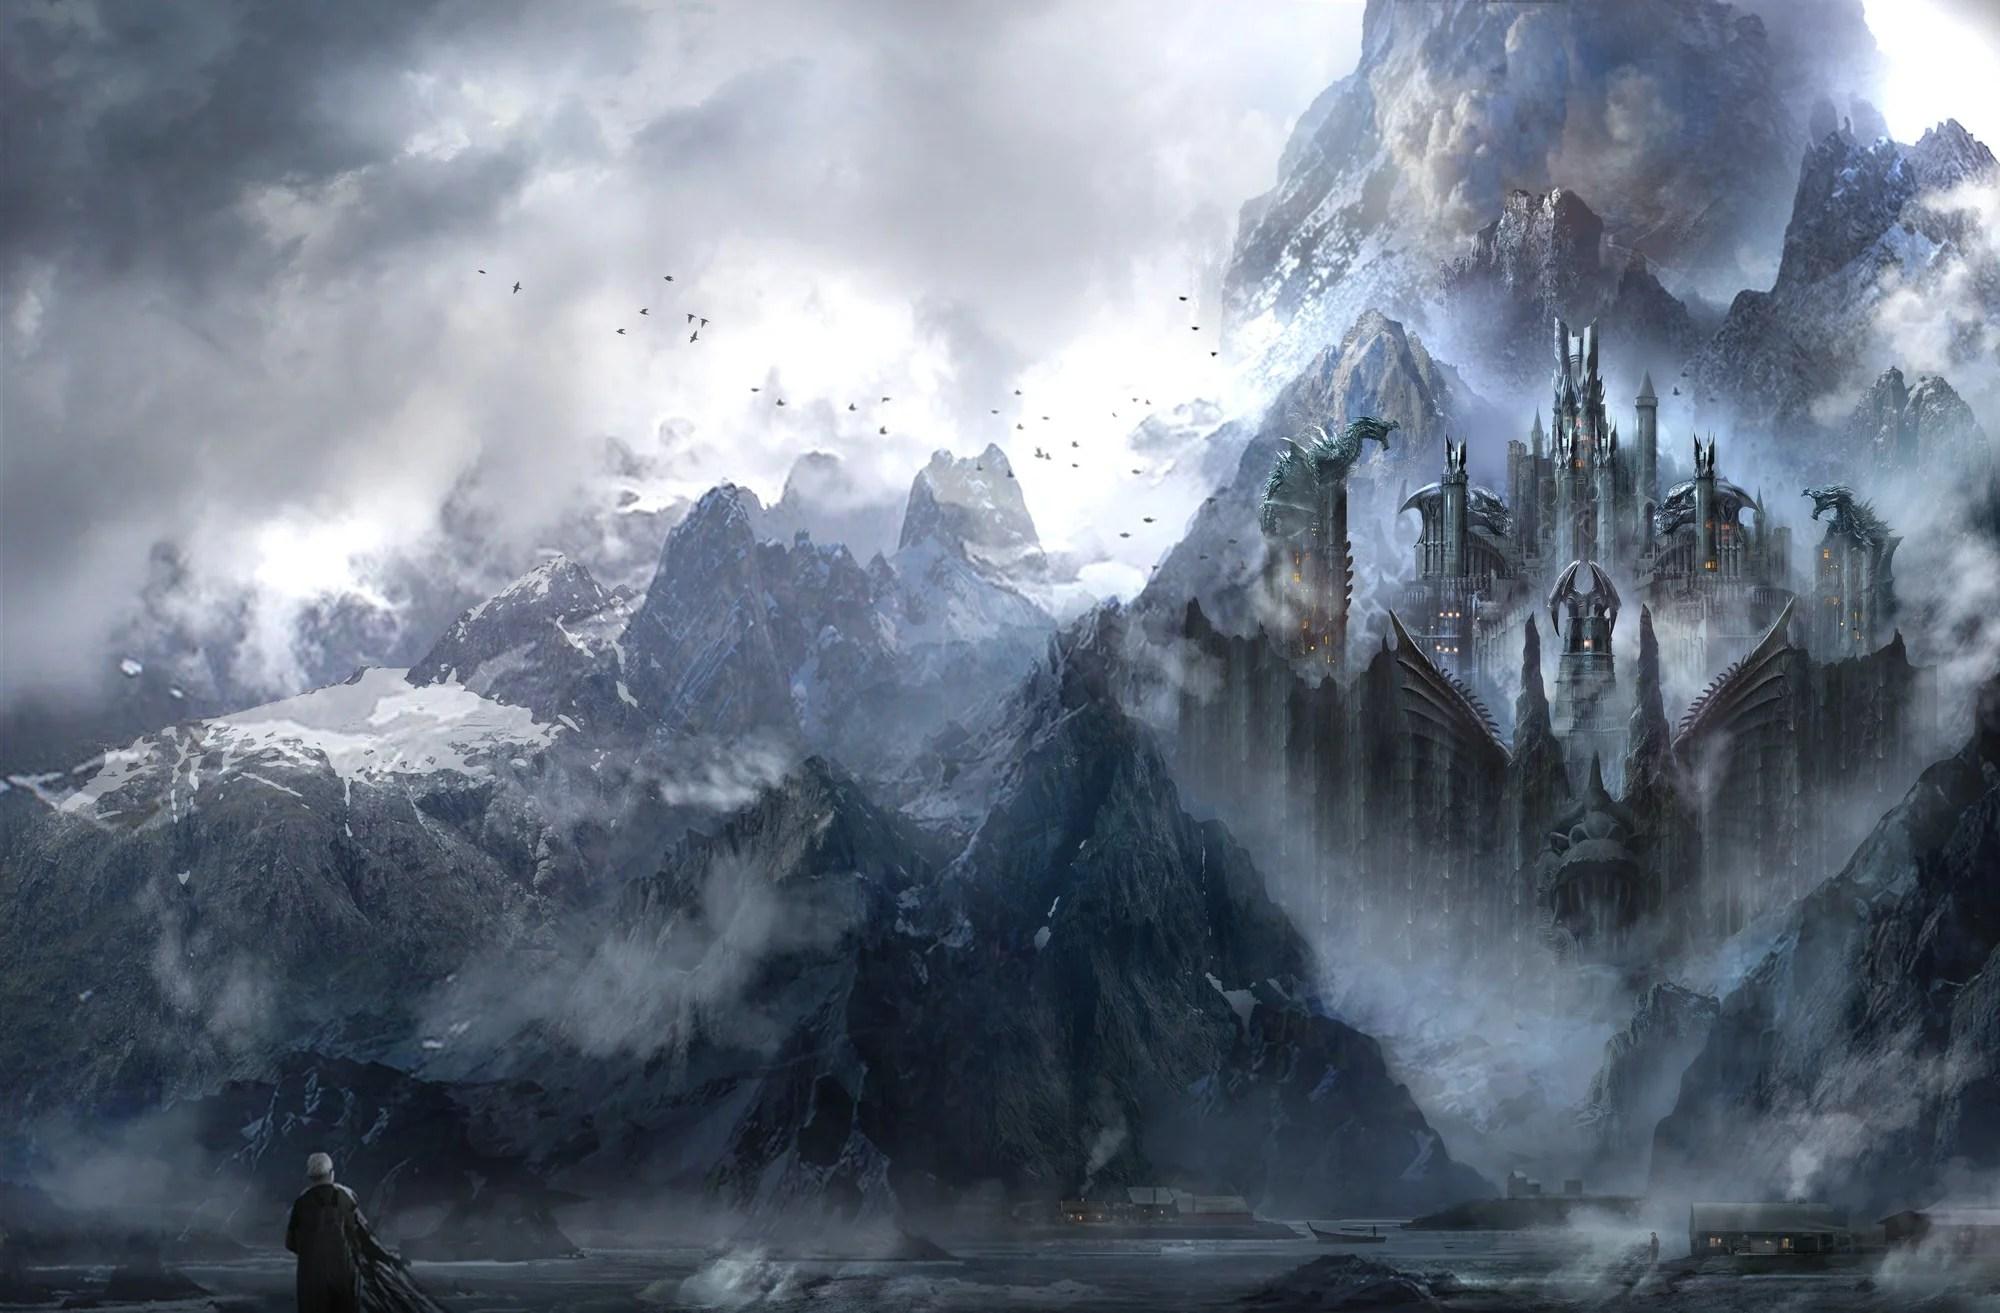 https://i1.wp.com/awoiaf.westeros.org/images/a/a5/Dragonstone.jpg